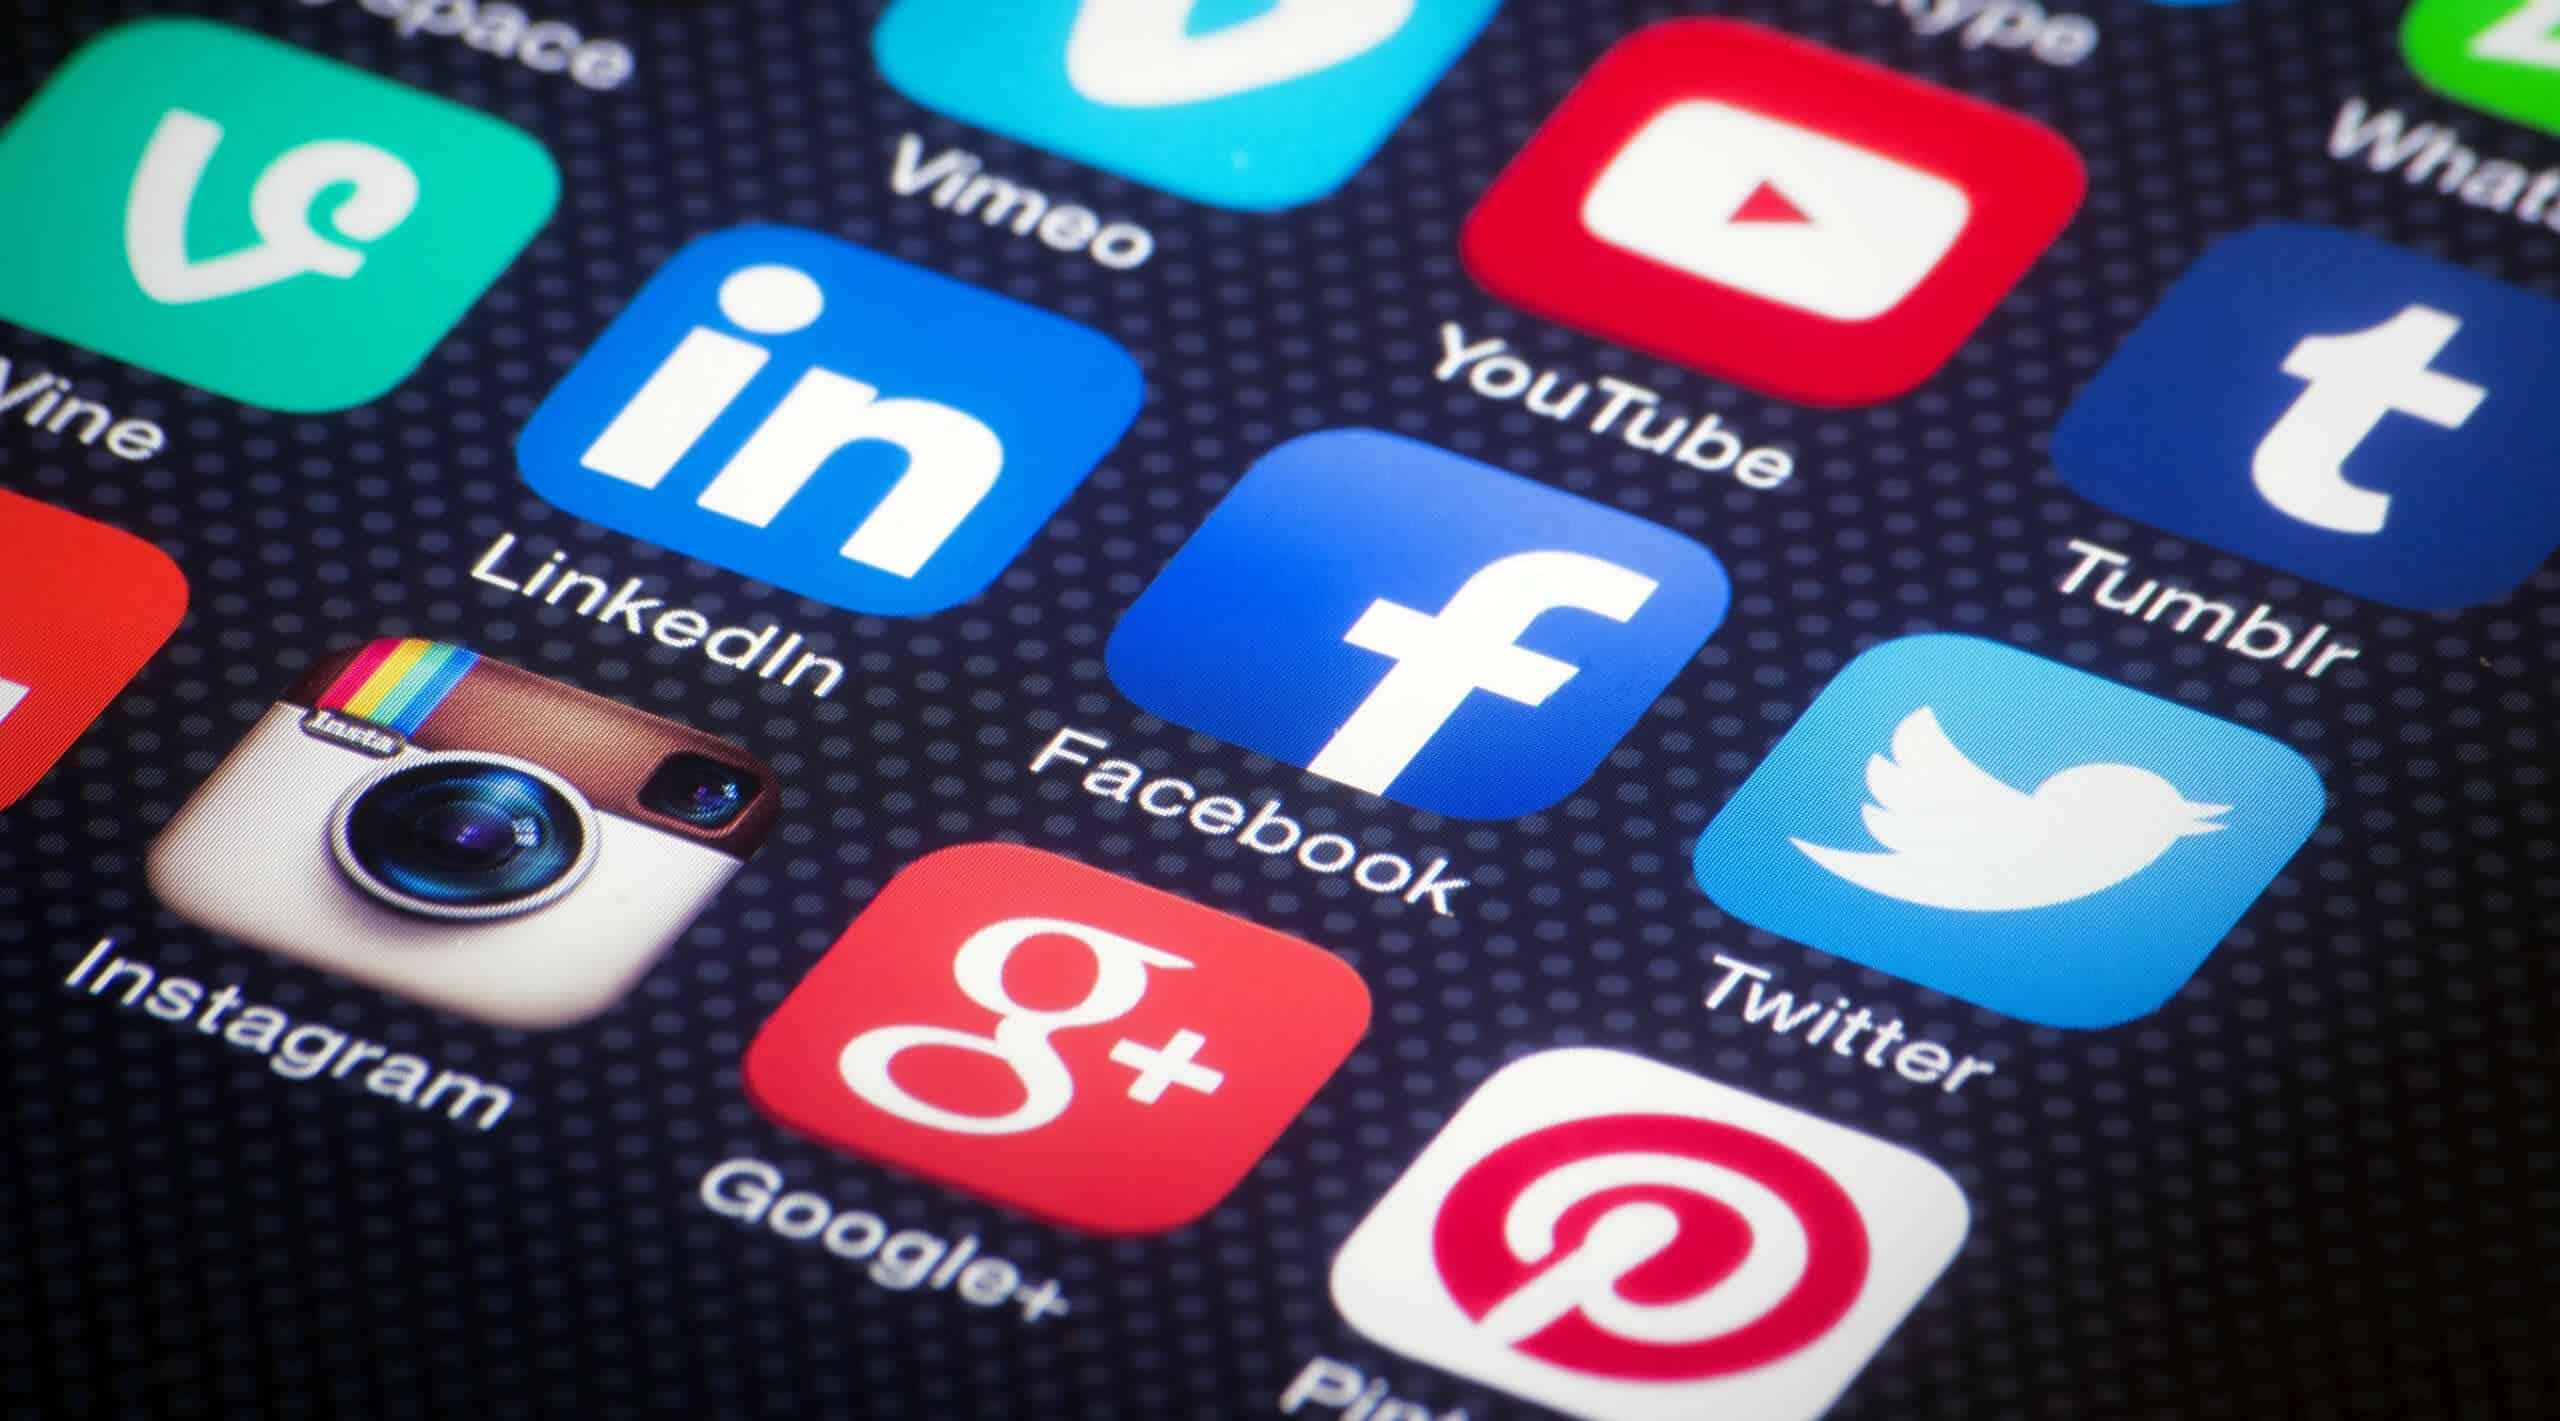 Redes sociales sigue siendo una de las mayores actividades por chilenos.